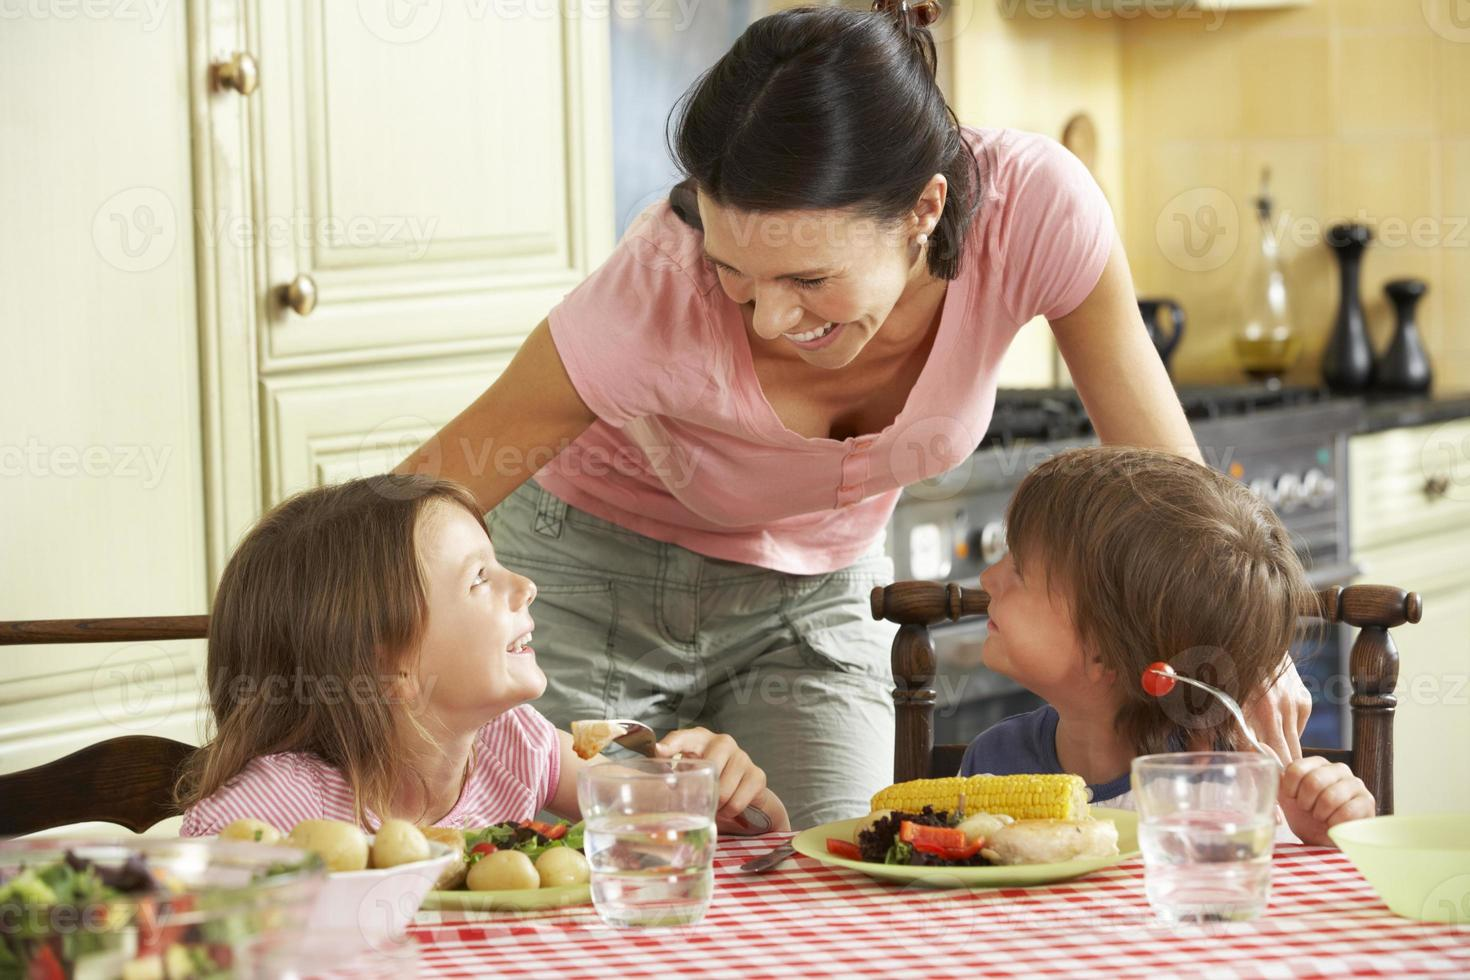 moeder maaltijd serveren aan kinderen in de keuken foto